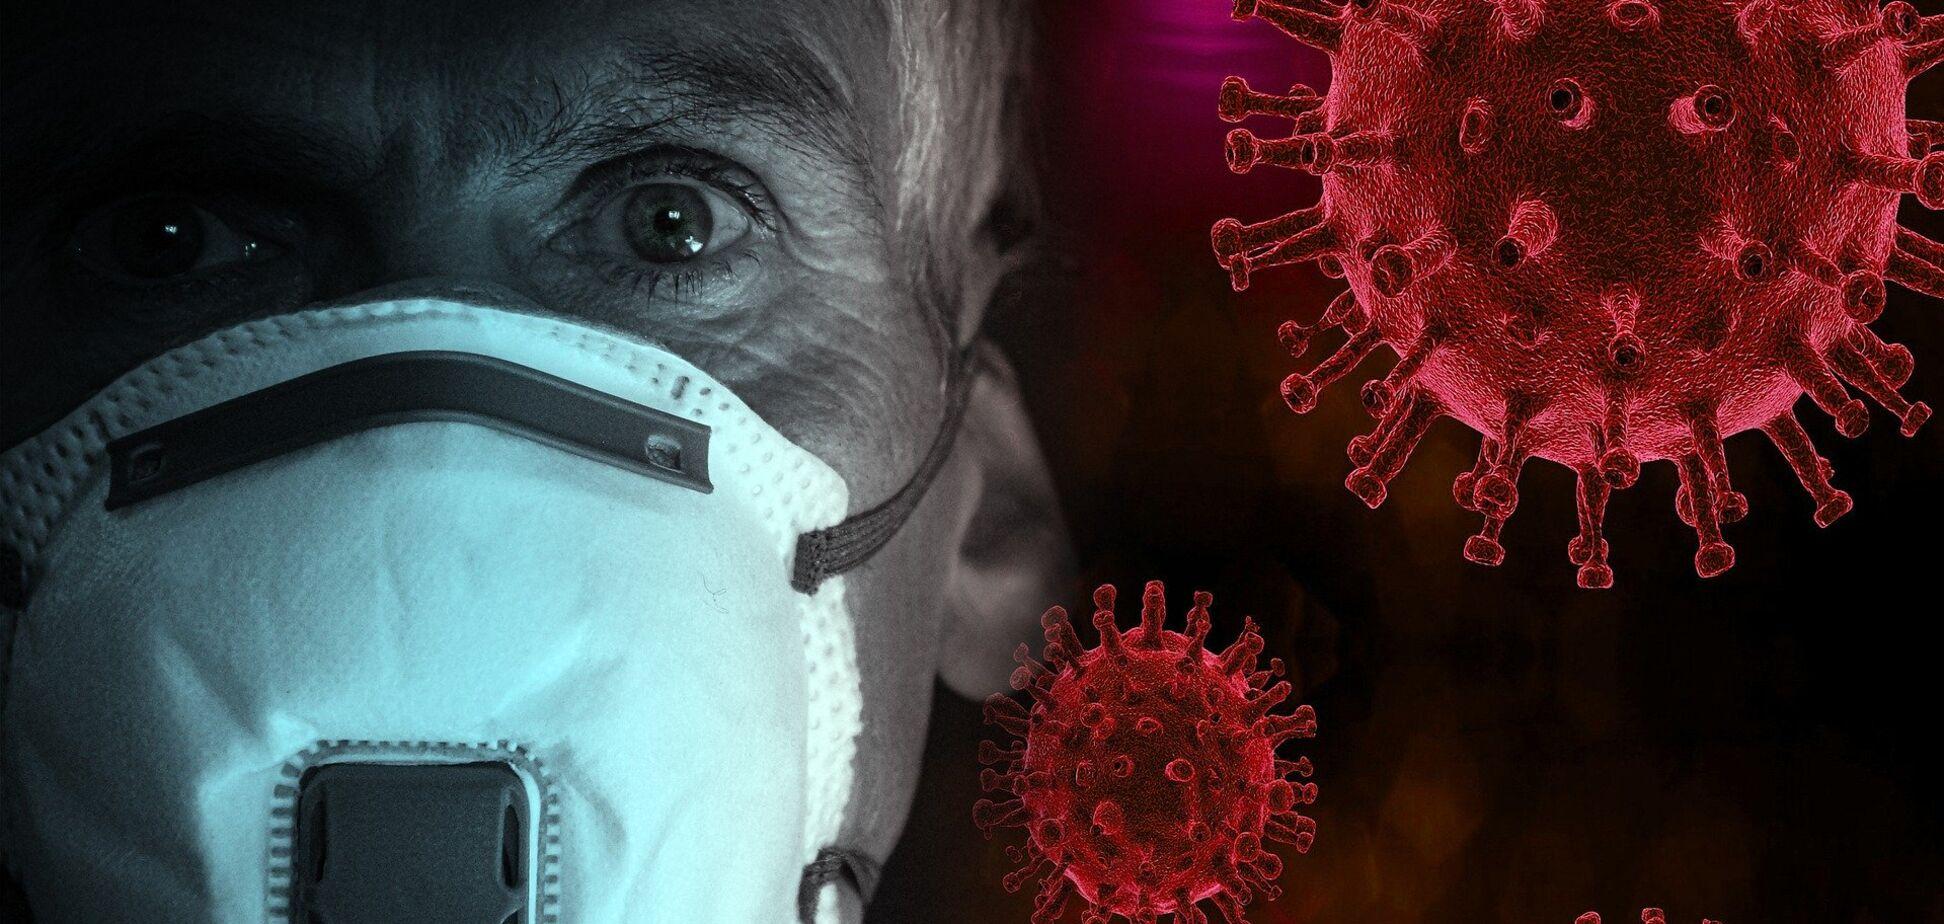 '70 тысяч жертв': названы риски второй волны коронавируса в Италии